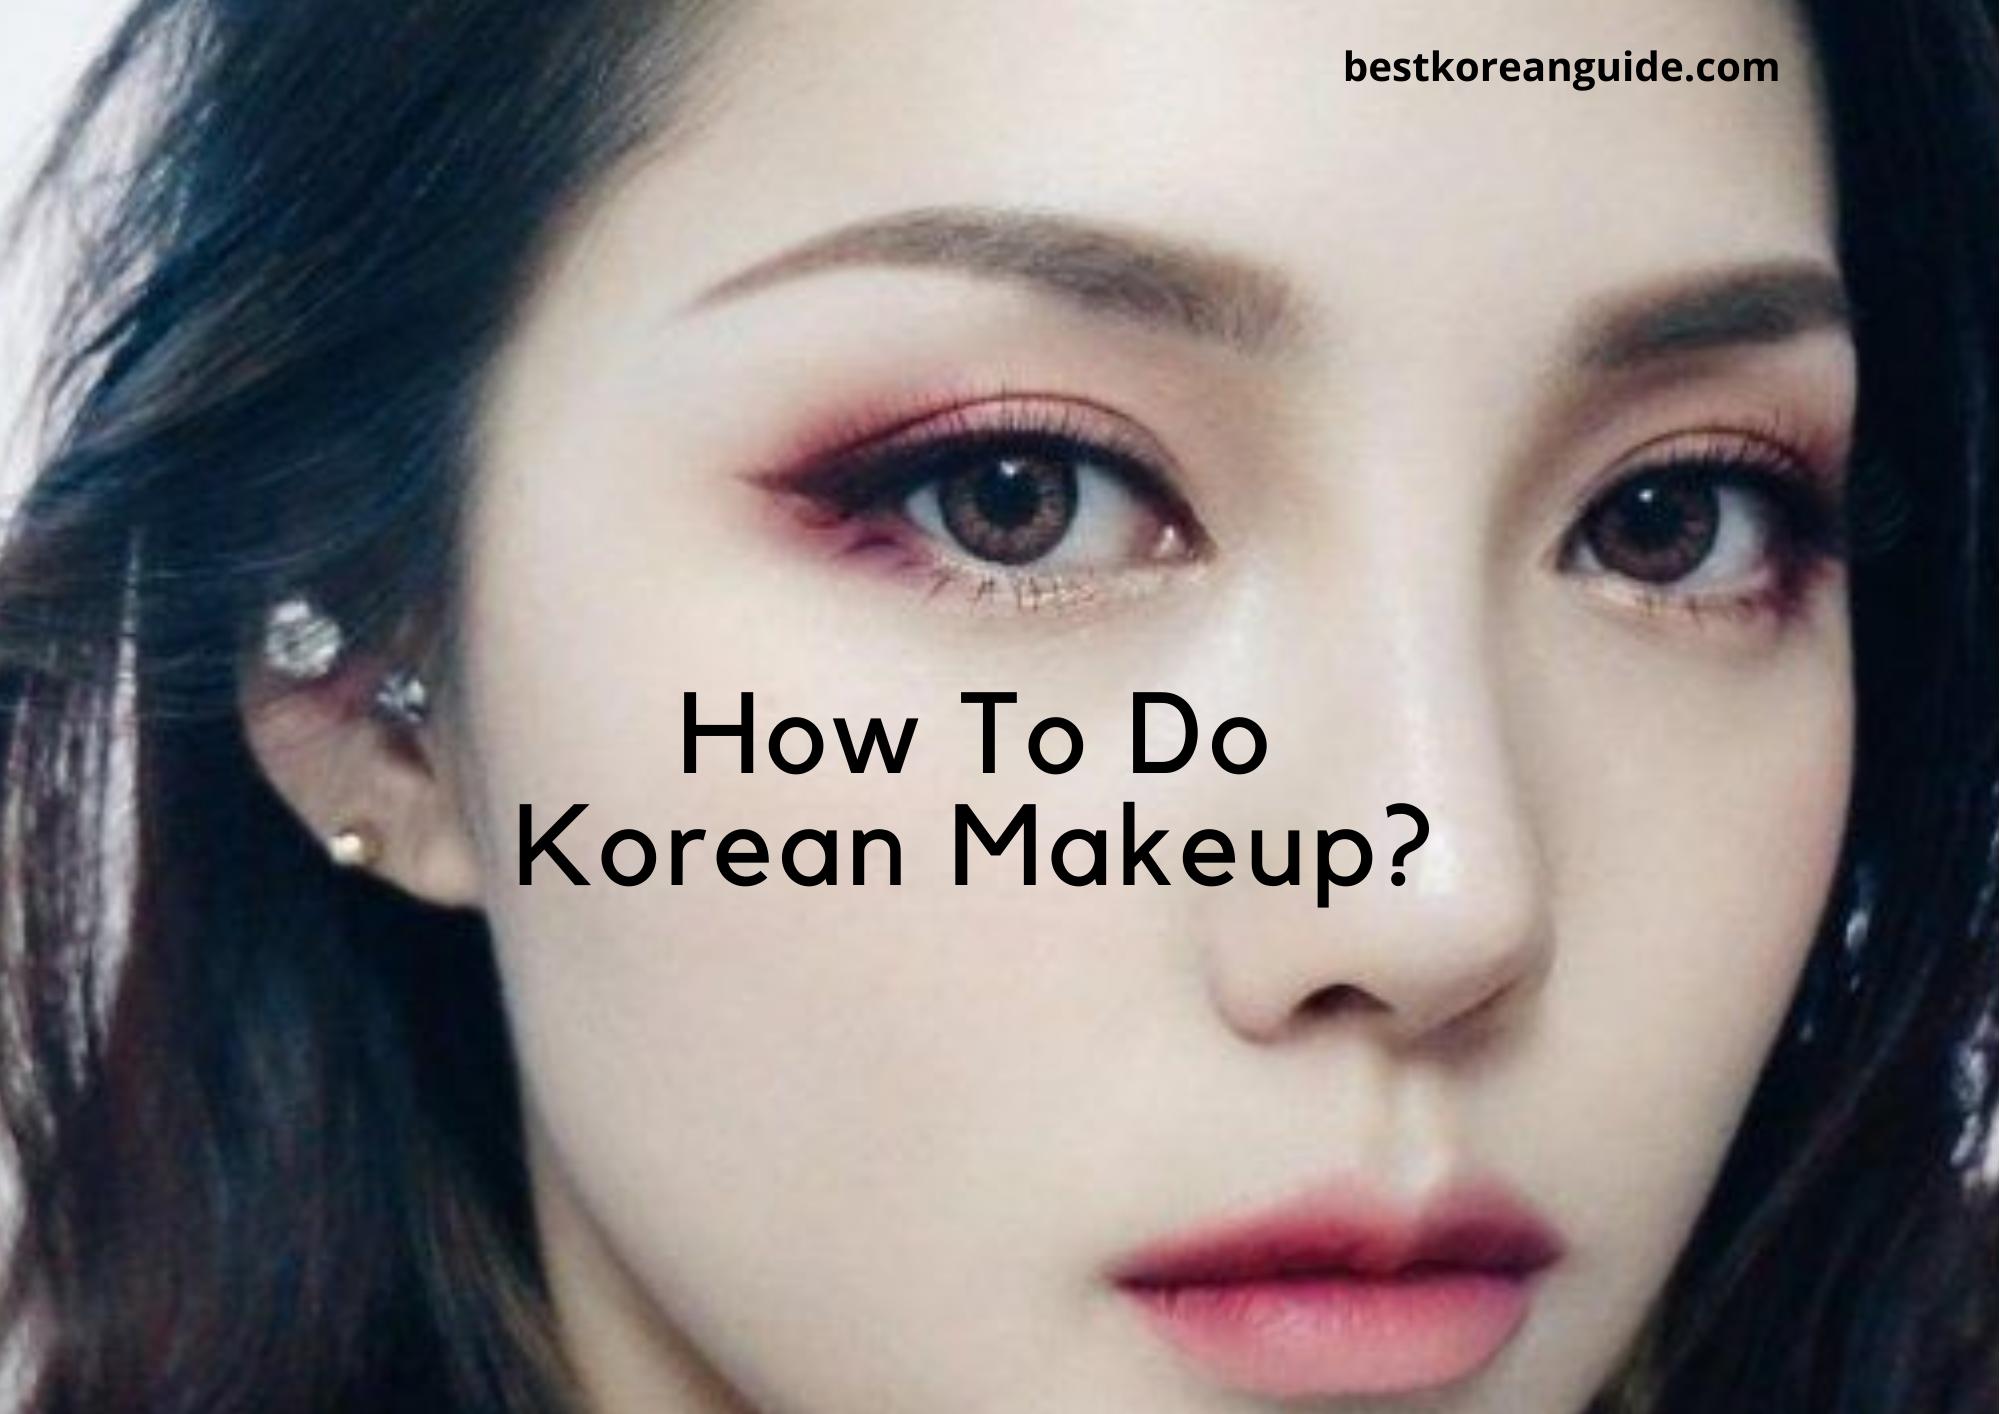 How to Do Korean Makeup?